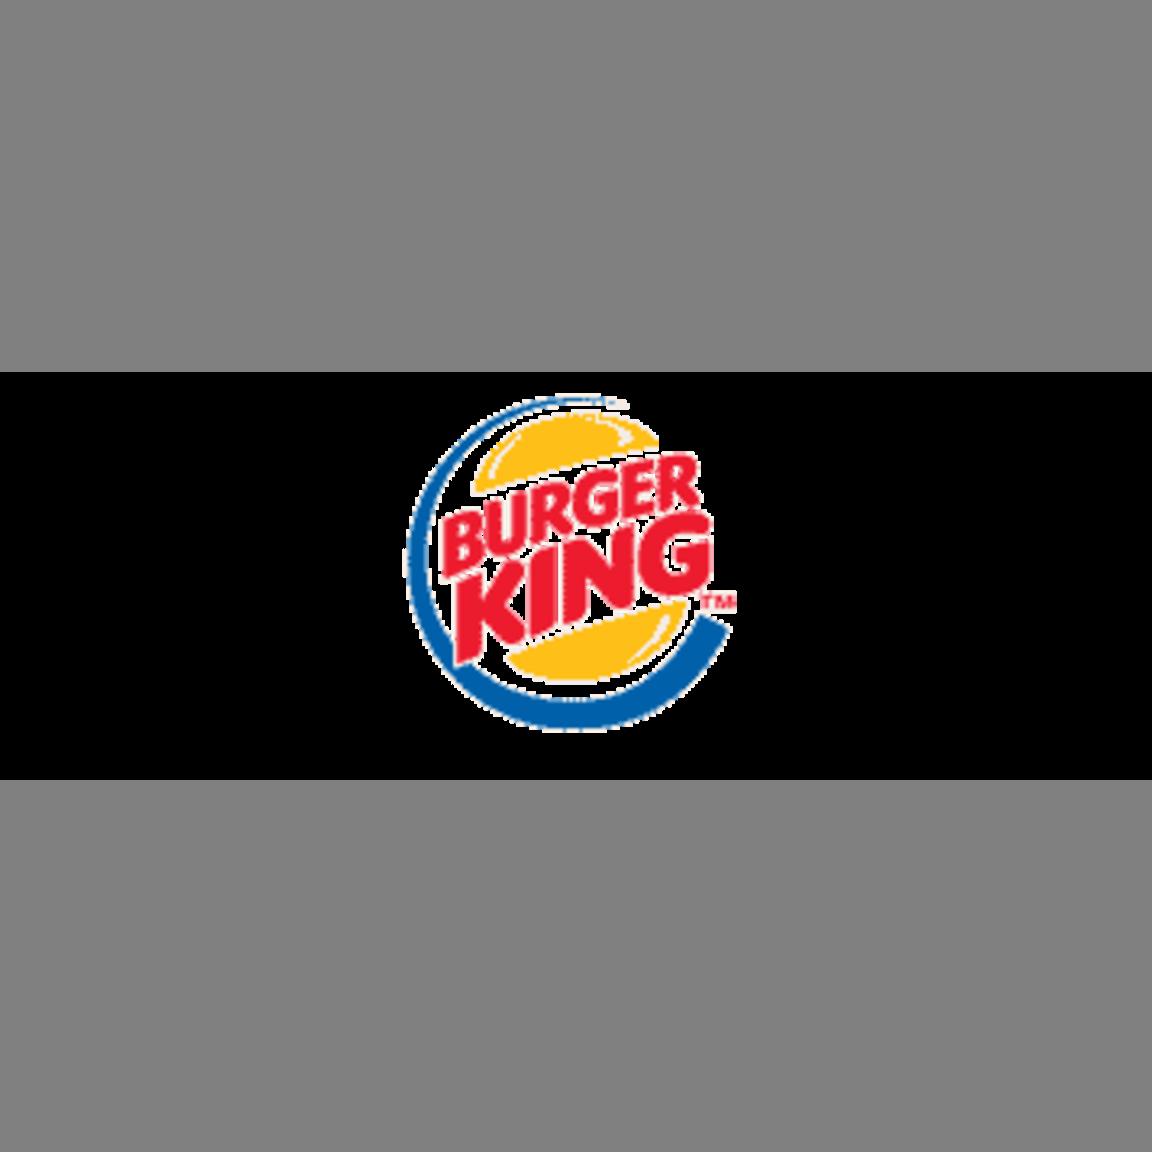 Burger King at Westfield Manukau City